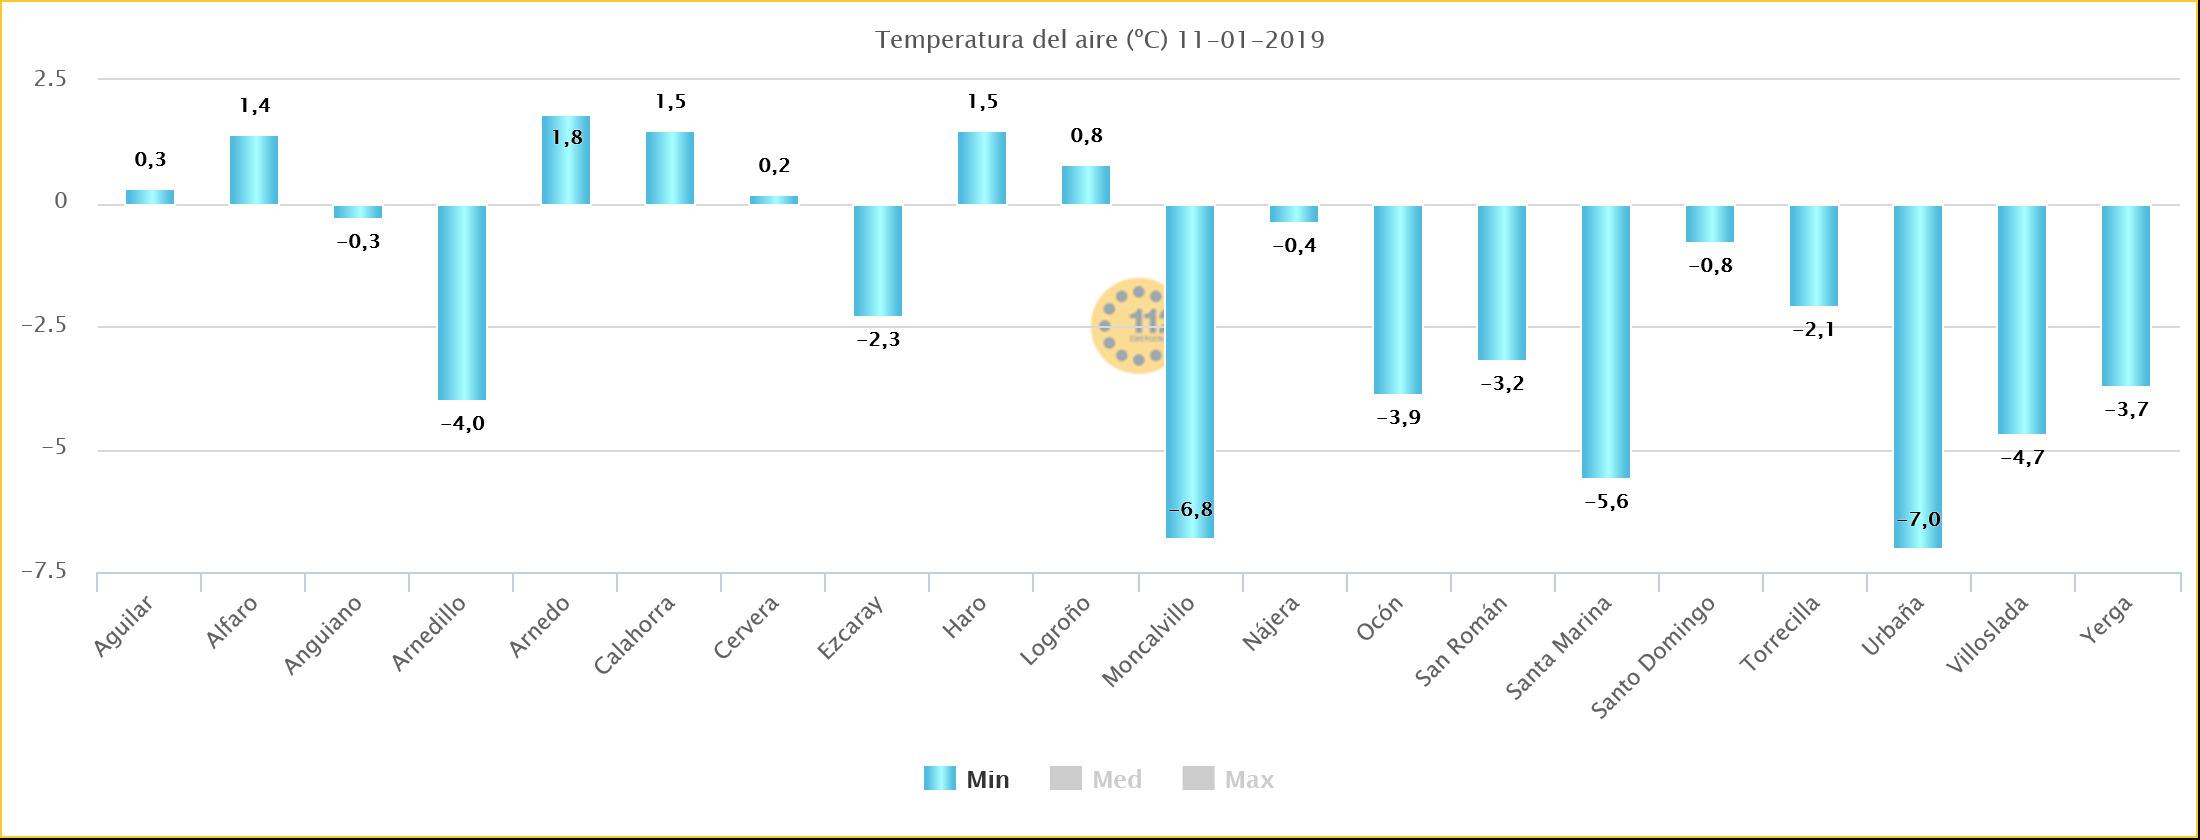 Datos Temperaturas Mínimas 11.jpeg Estaciones SOS Rioja. Meteosojuela La Rioja